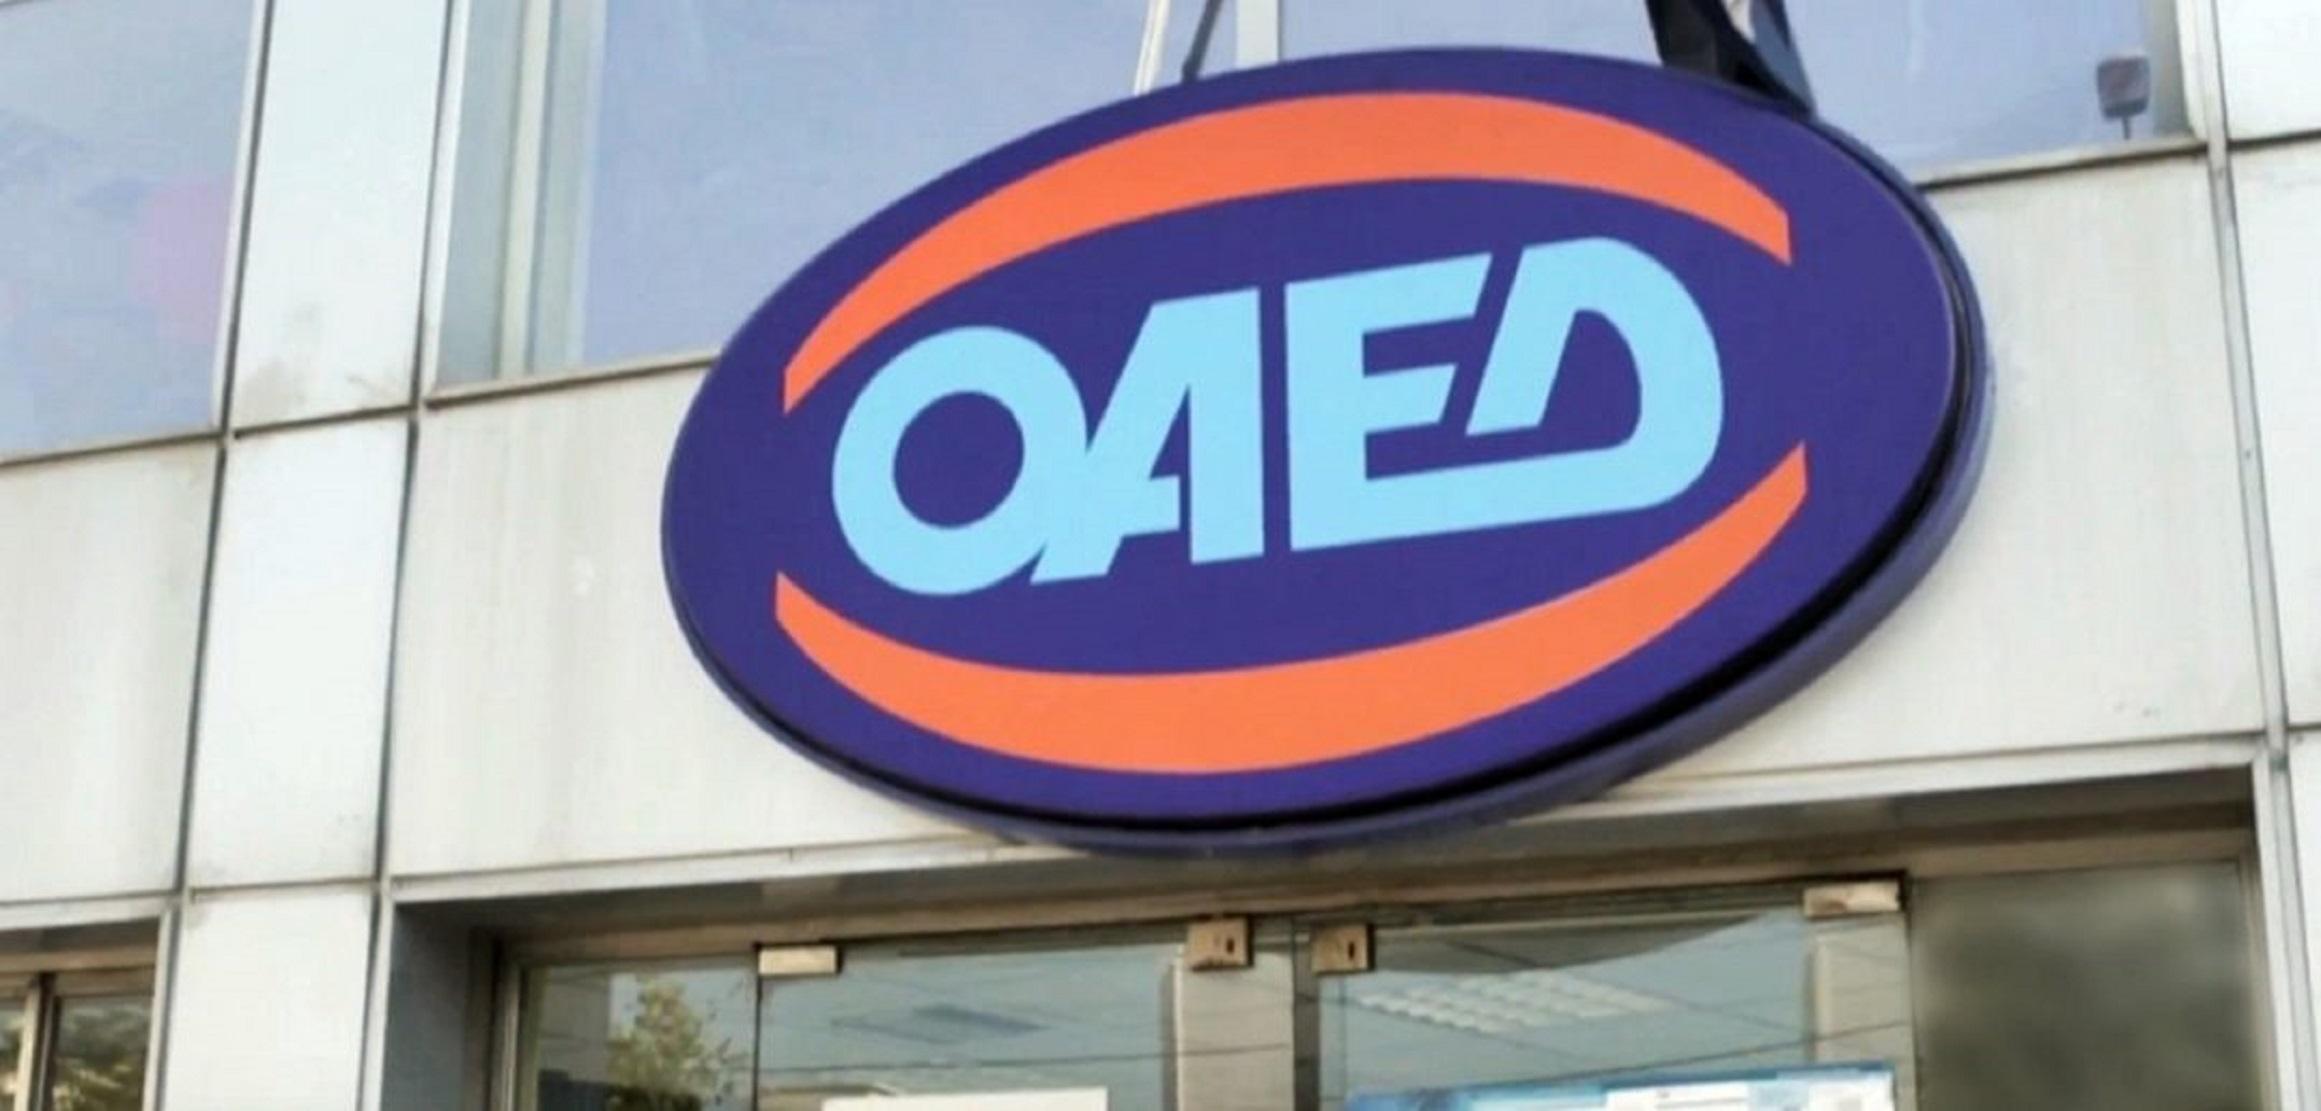 ΟΑΕΔ: Πότε λήγει η προθεσμία για αιτήσεις συμμετοχής στο κατασκηνωτικό πρόγραμμα 2021